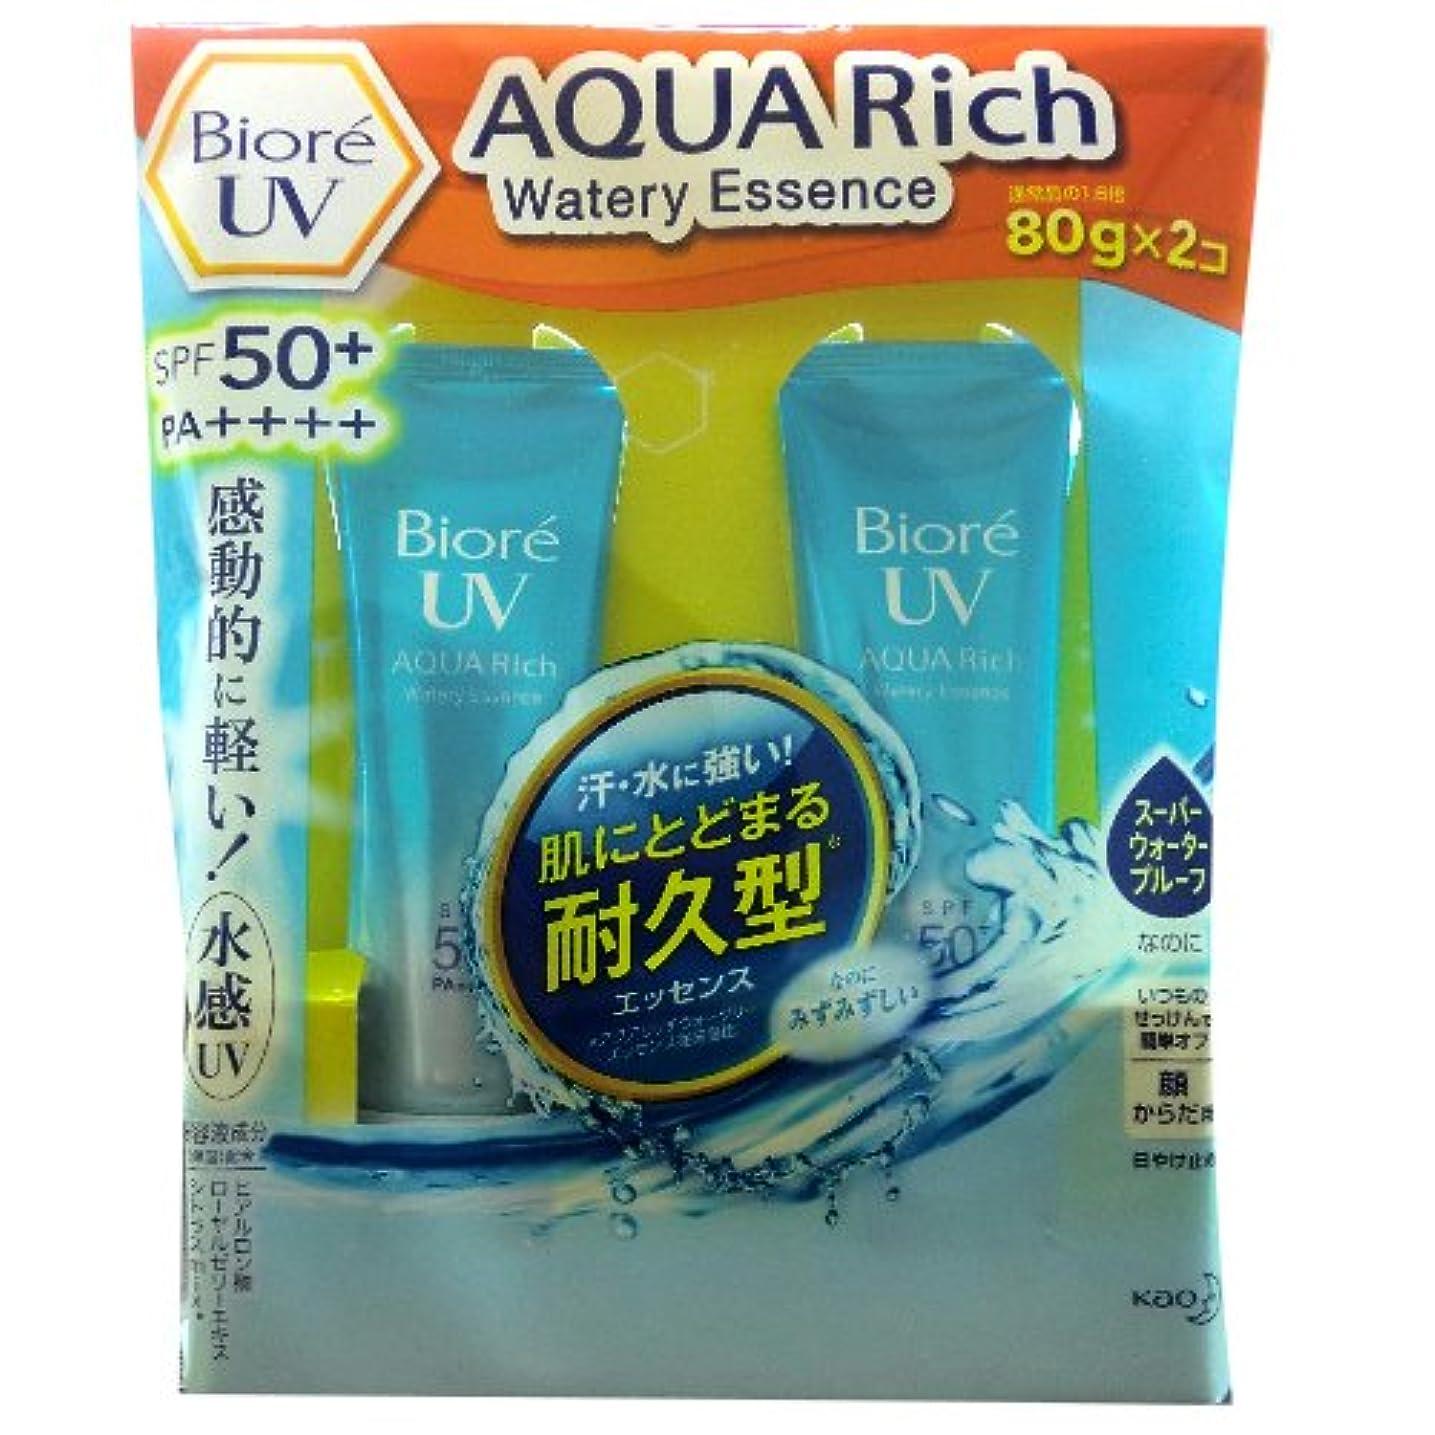 やむを得ない仕立て屋後世Biore UV AQUA Rich Watery Essence 80g×2コ